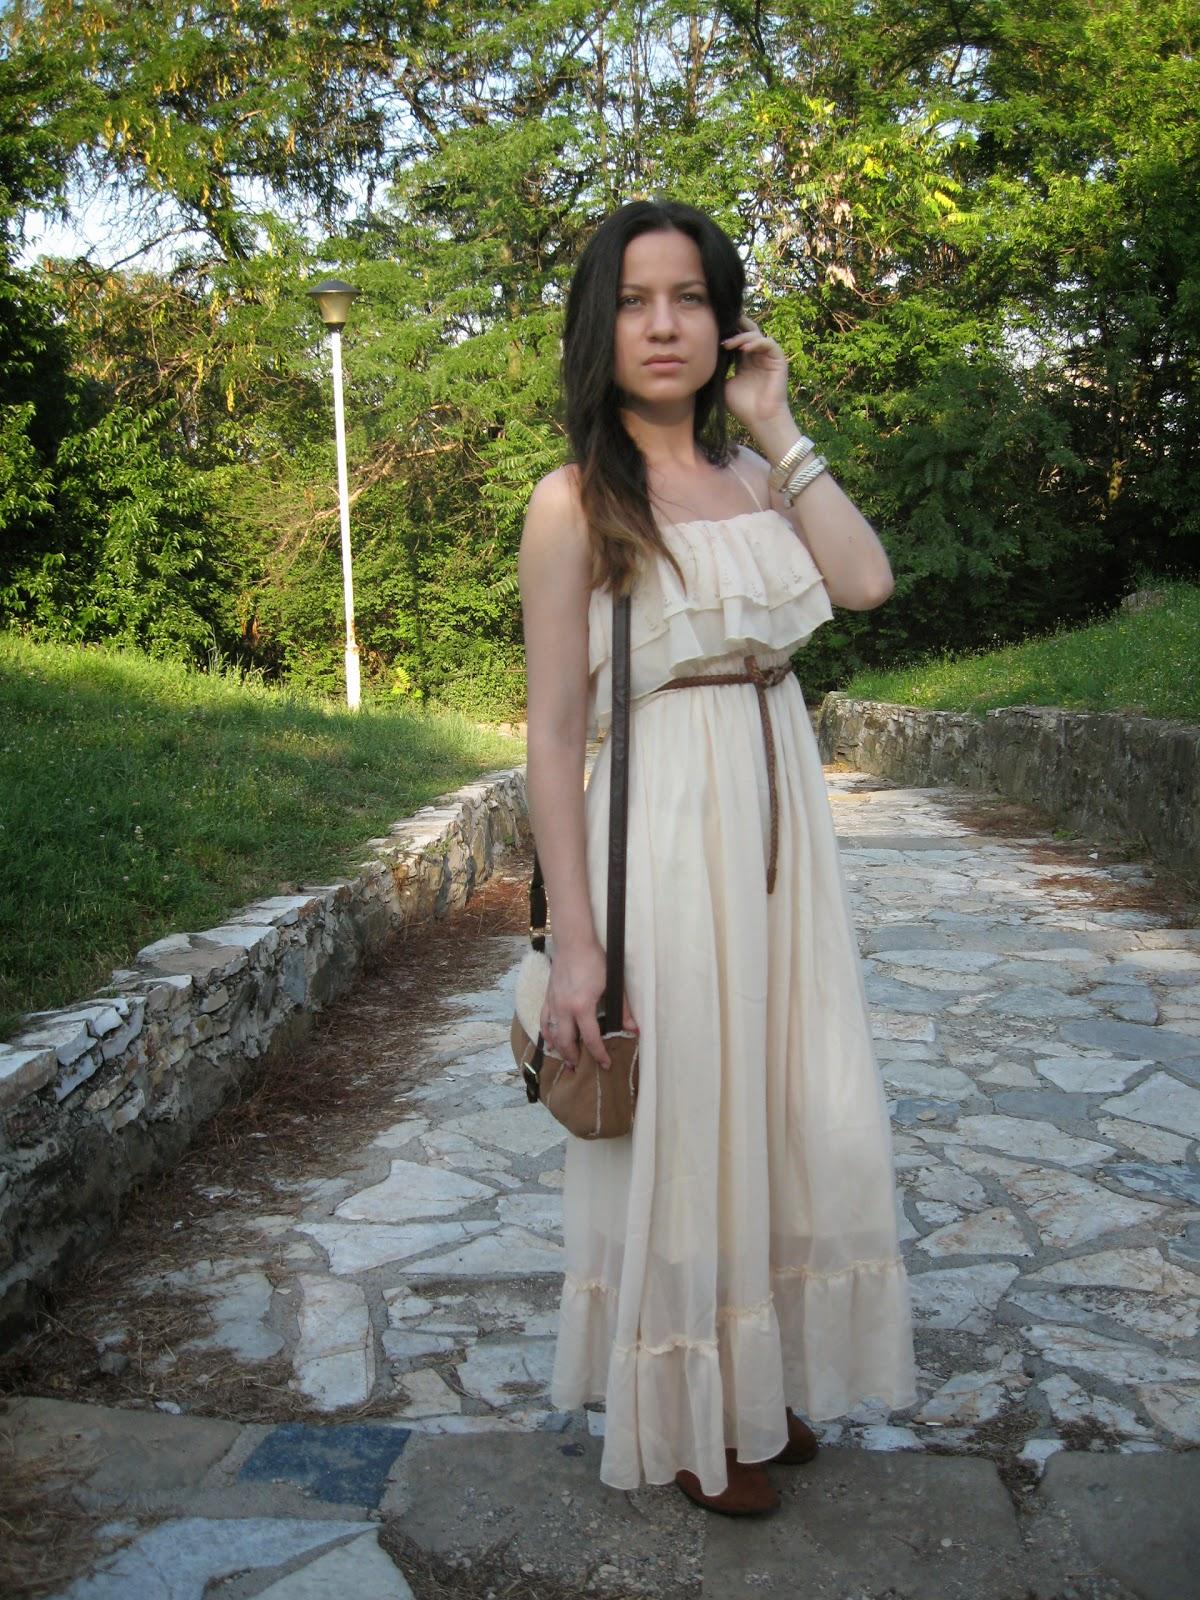 beige ruffled maxi dress, flat tan boots, tan over the shoulder bag, casual look, neutrals